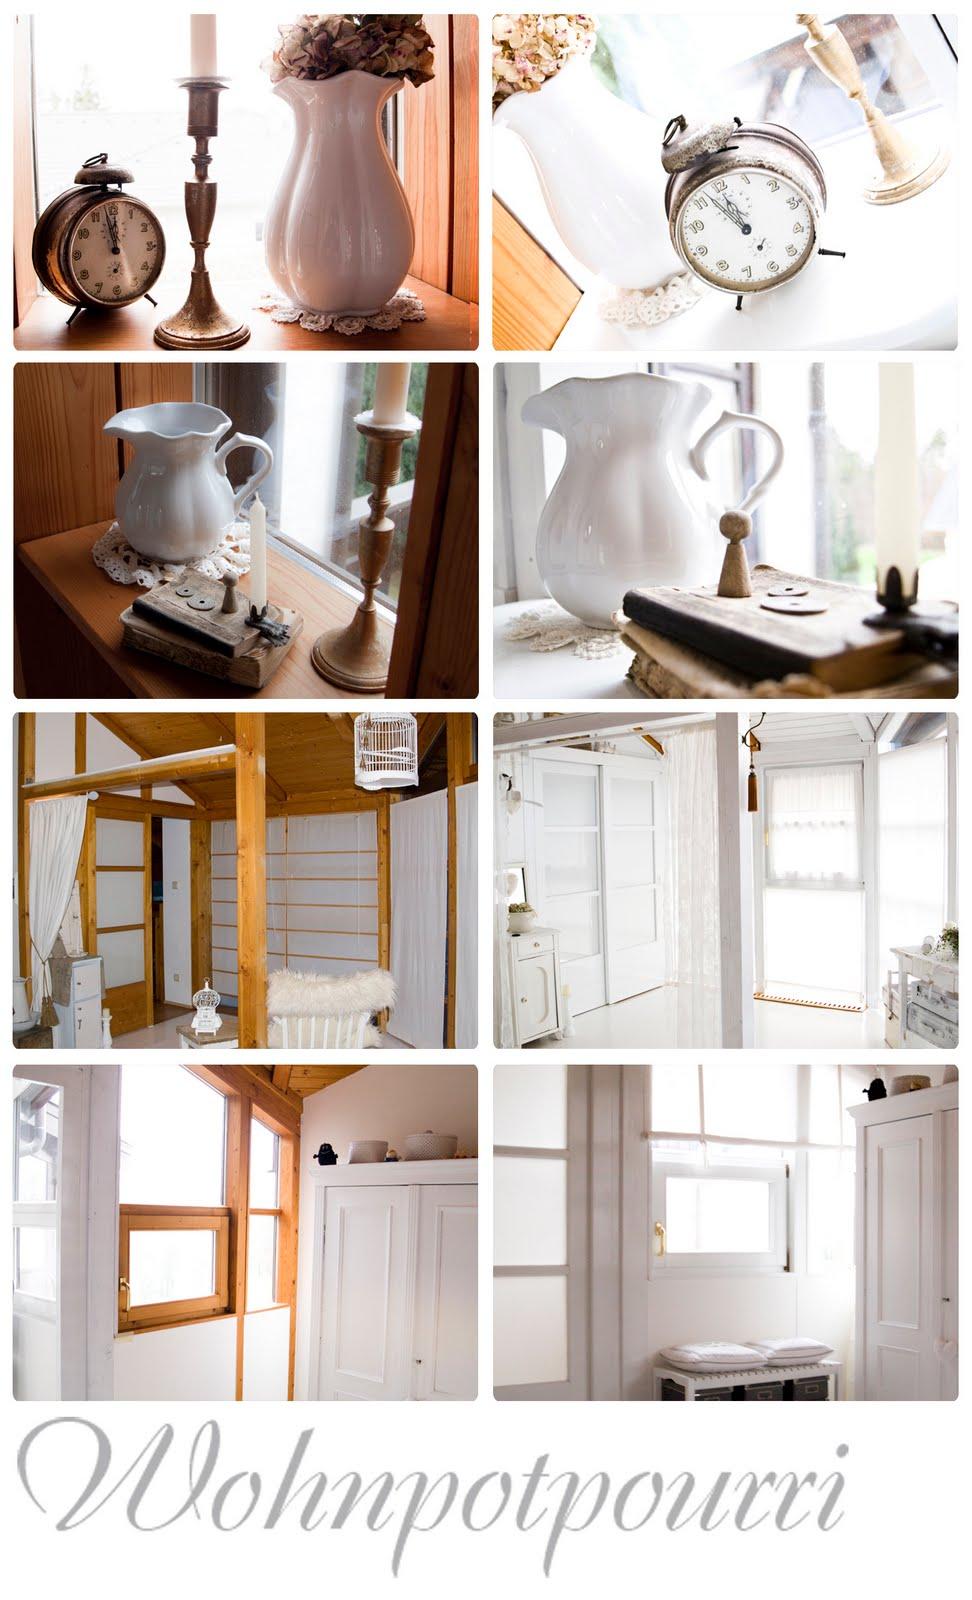 wohnpotpourri was macht man n im urlaub. Black Bedroom Furniture Sets. Home Design Ideas